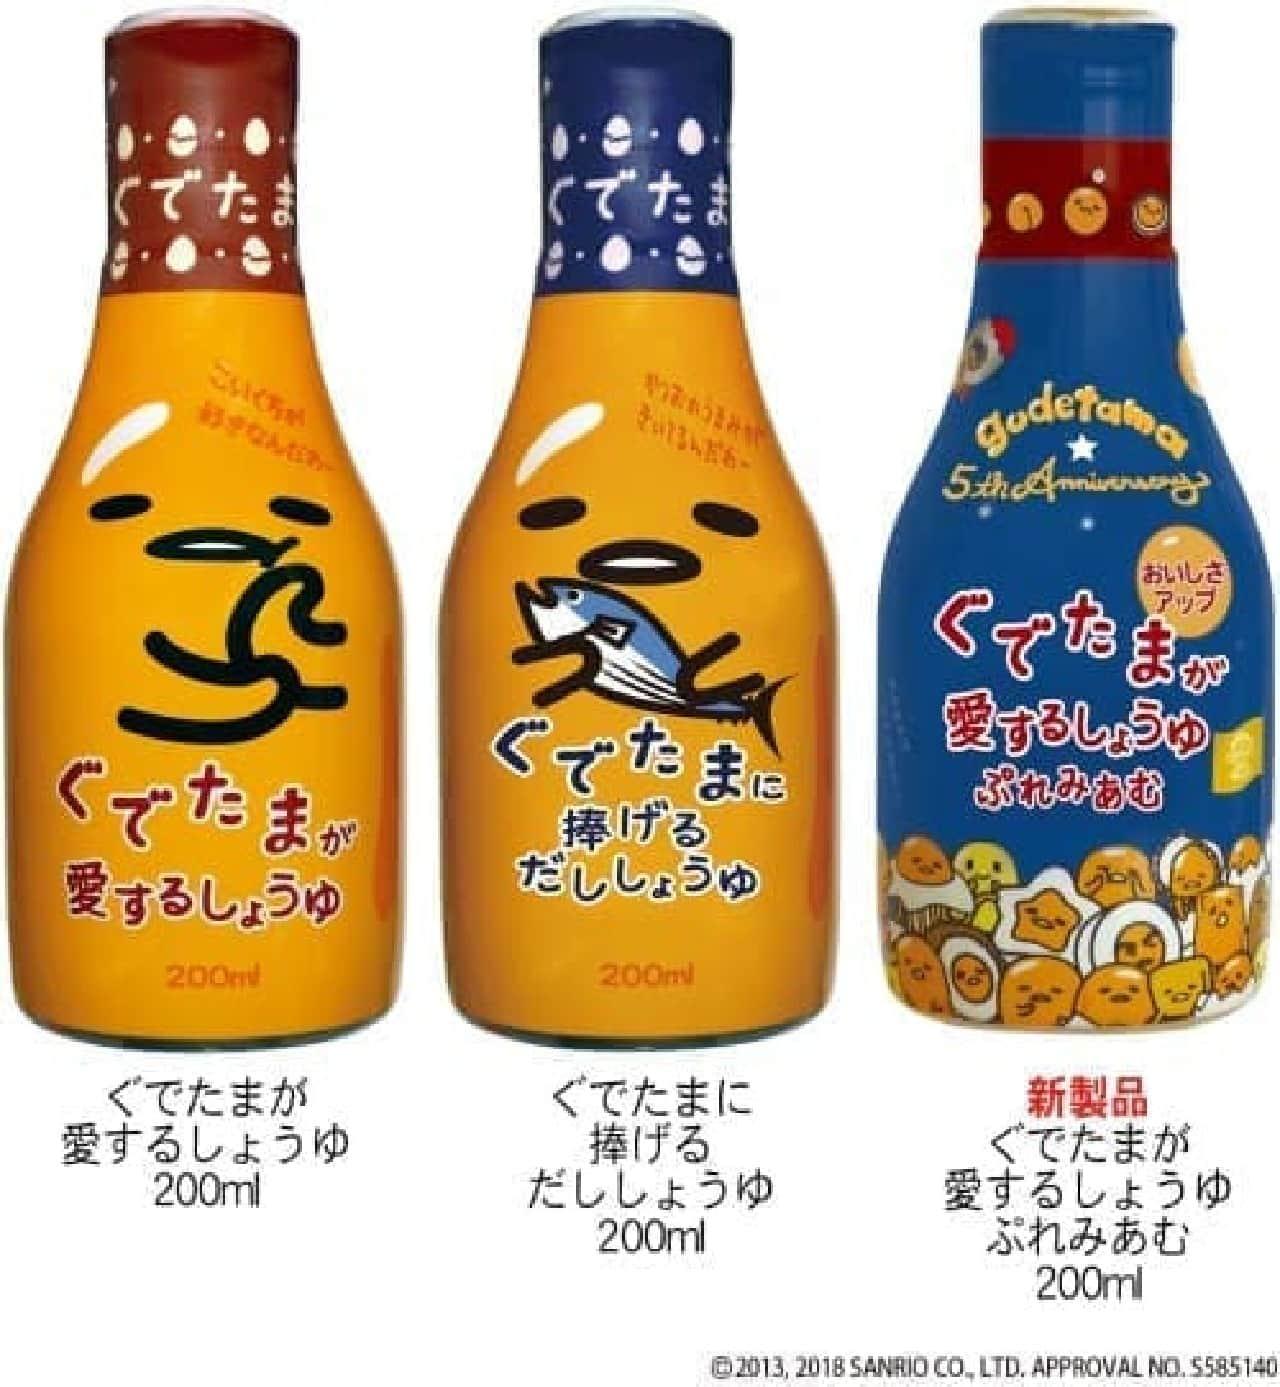 正田醤油「ぐでたまが愛するしょうゆ ぷれみあむ」